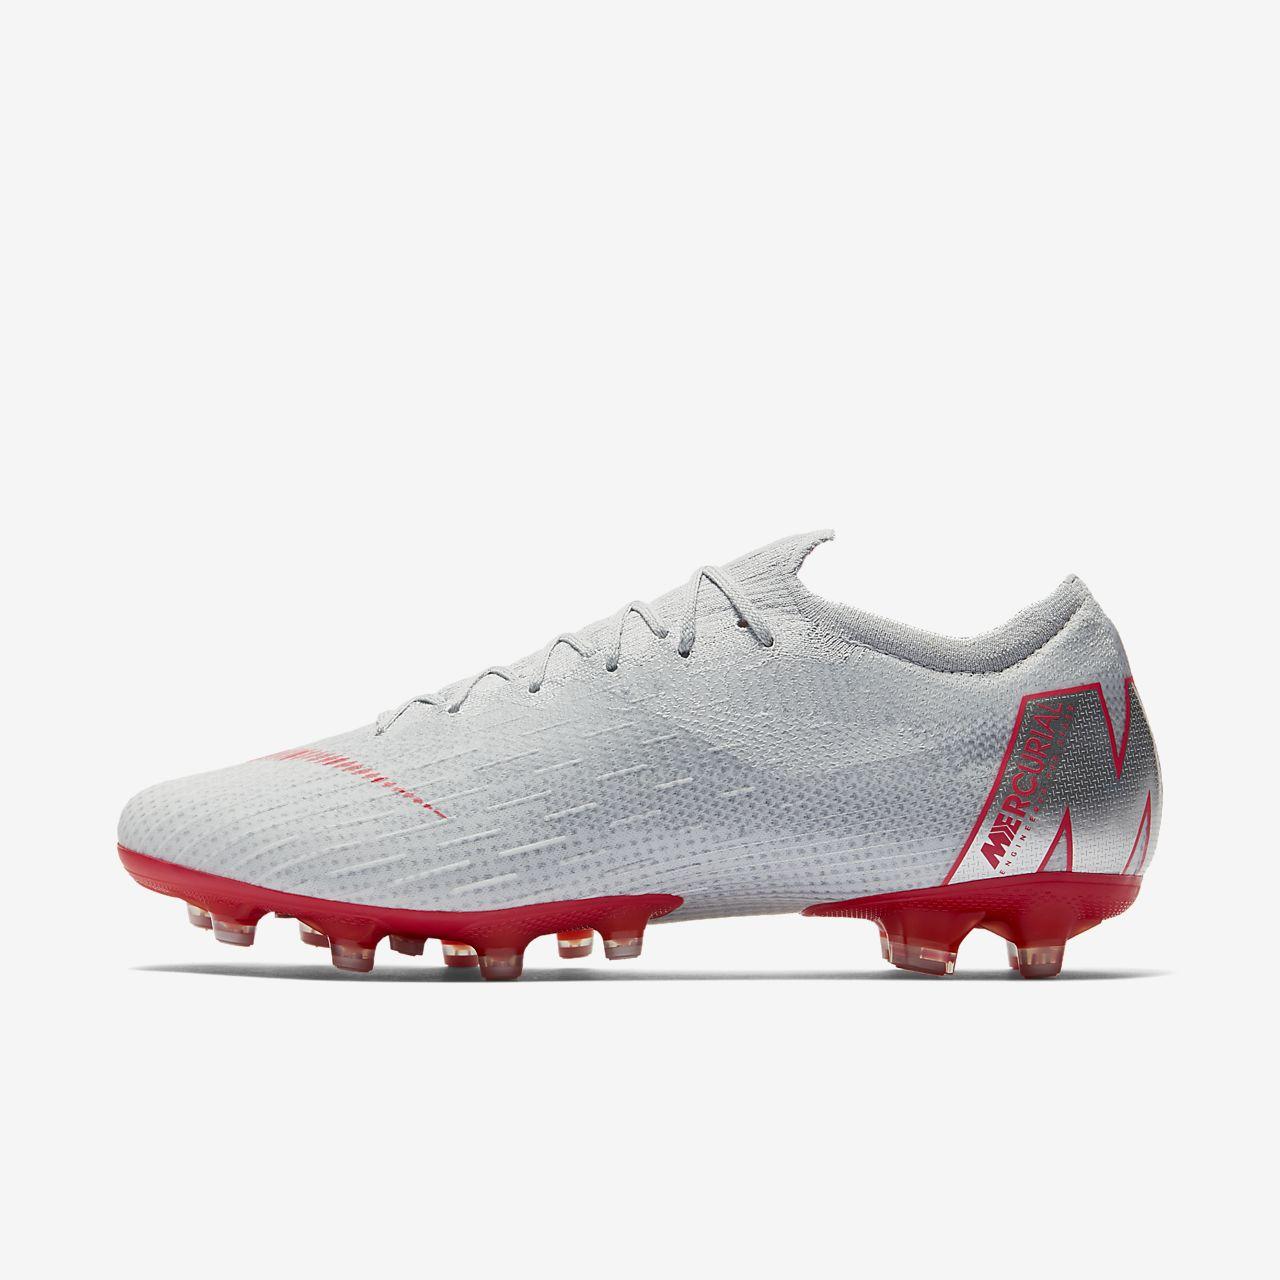 Scarpe Sconti Ag Acquista Off66 Nike Calcio aUSq1S